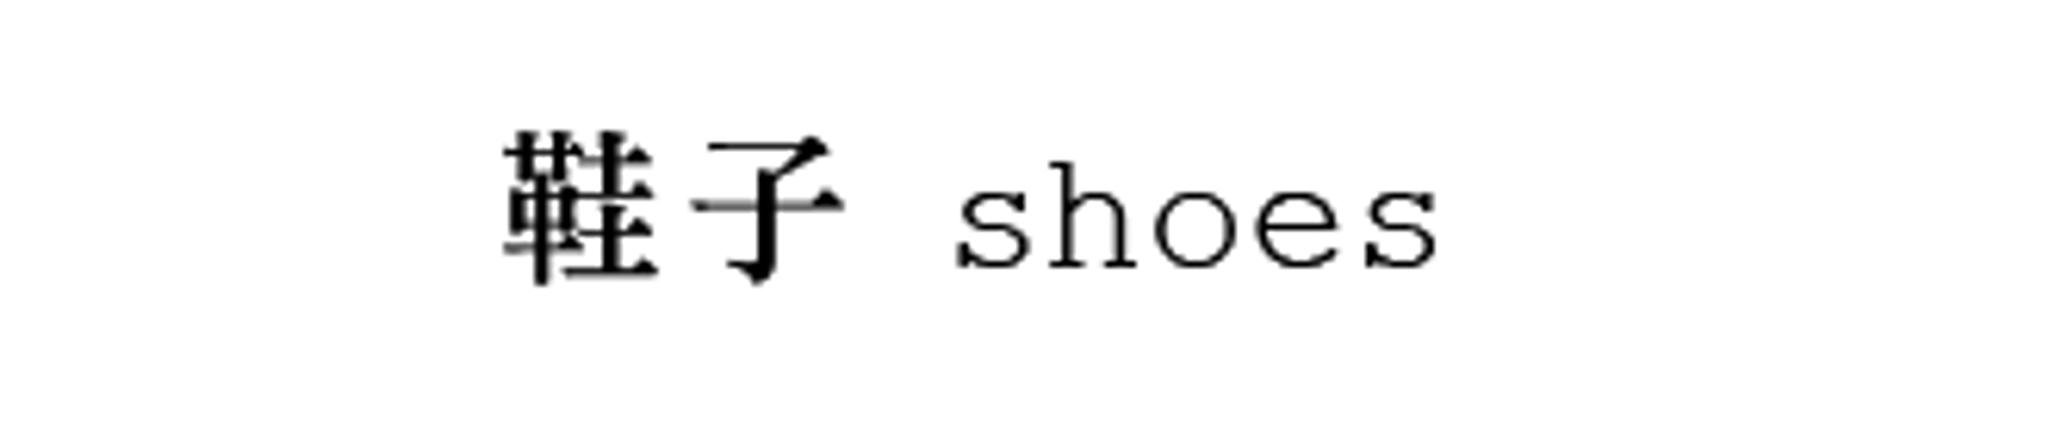 鞋 / SHOES